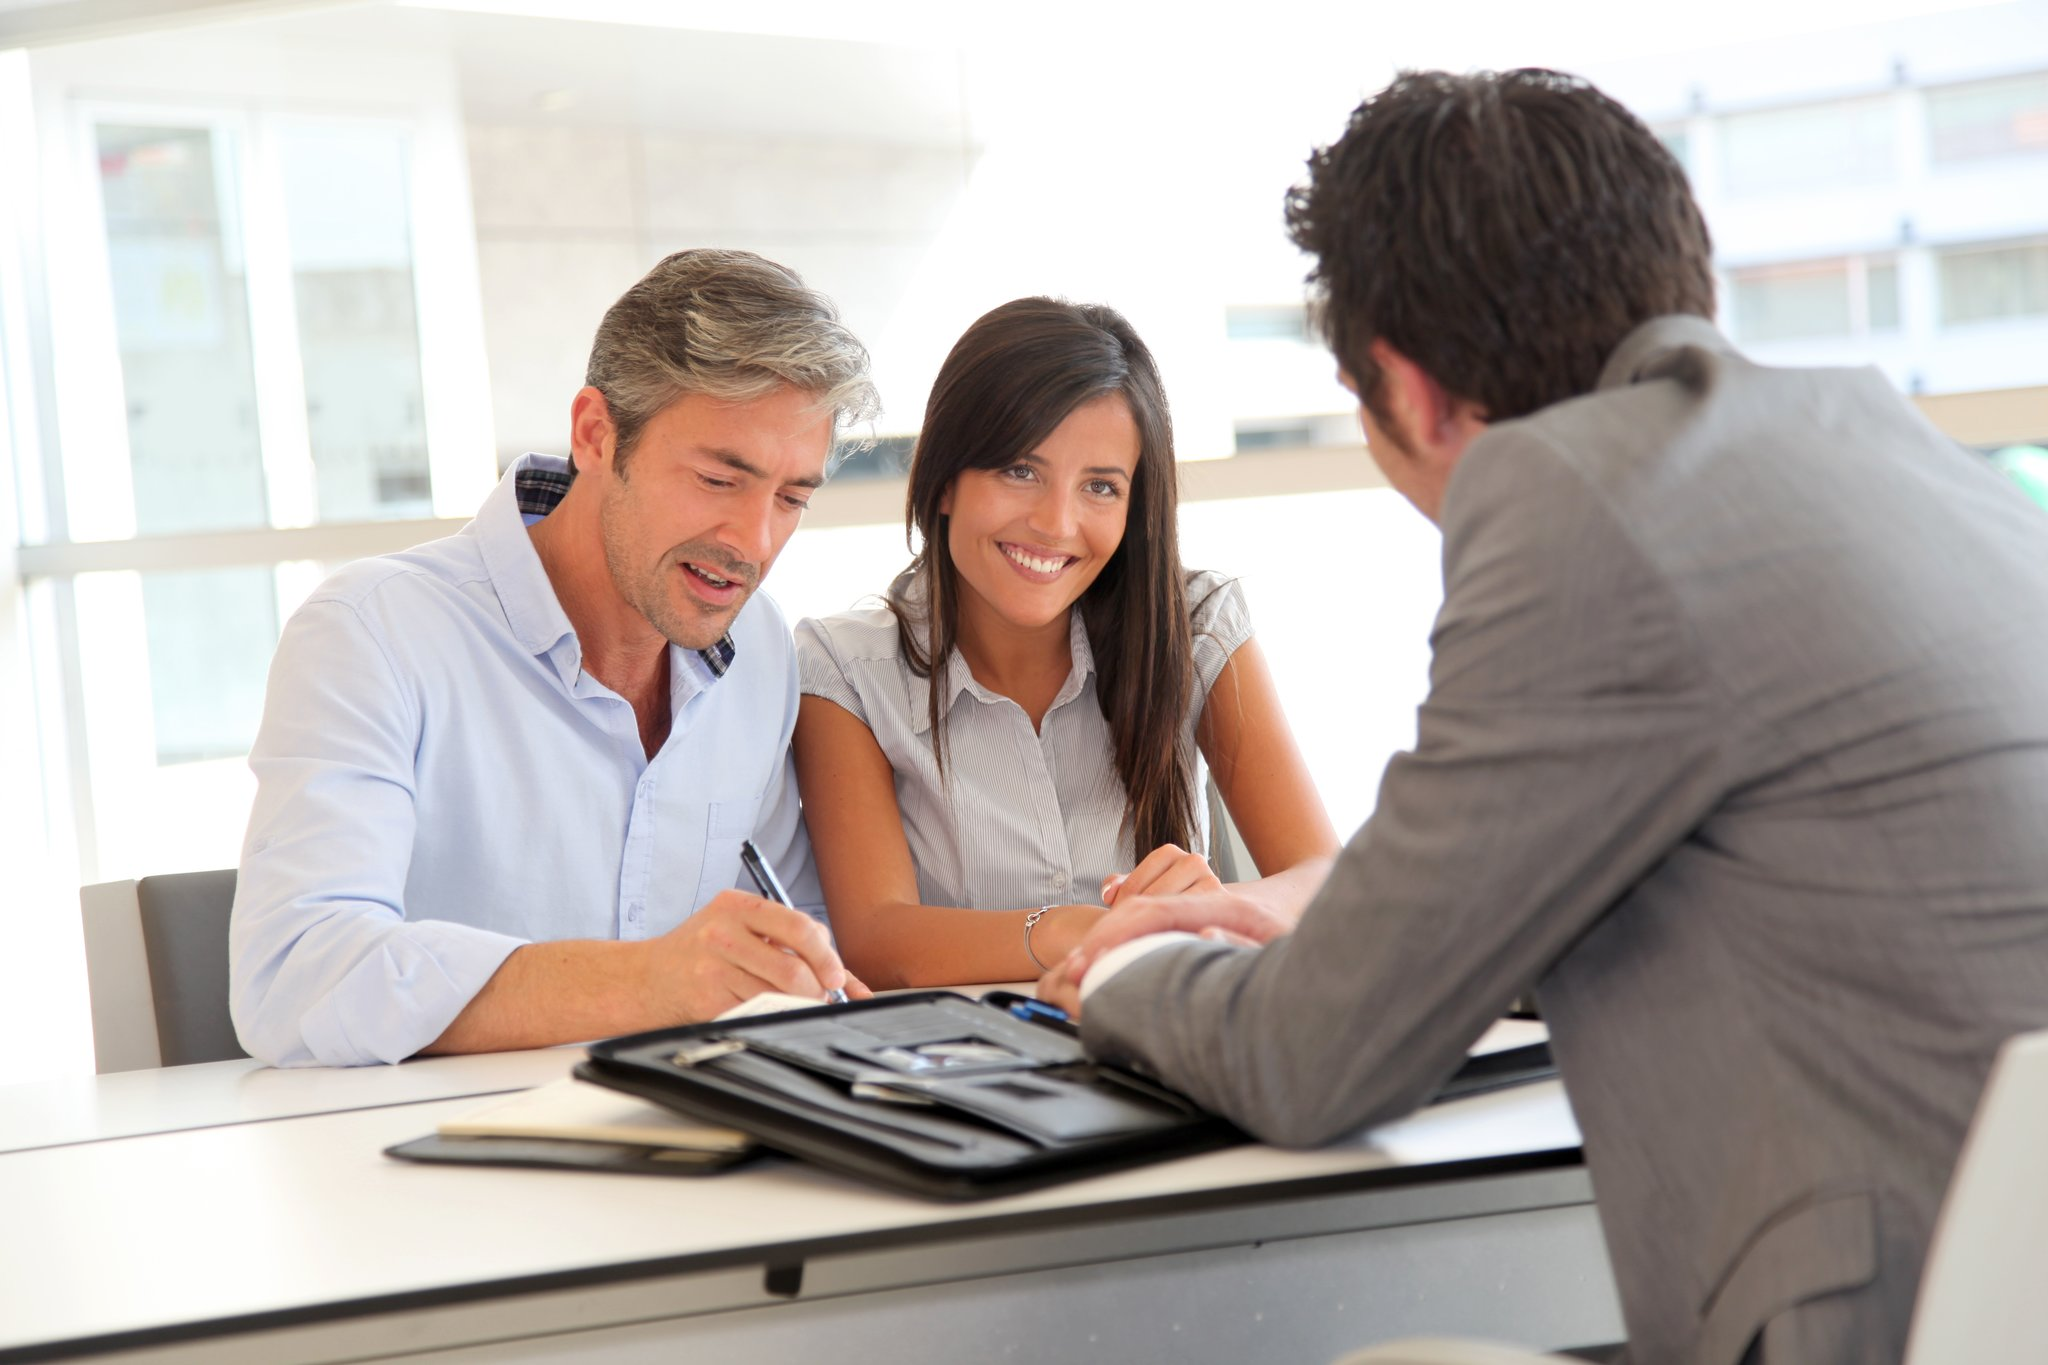 сомневался, отмена сделки с недвижимостью чего бояться покупателям и продавцам Зачем доставил